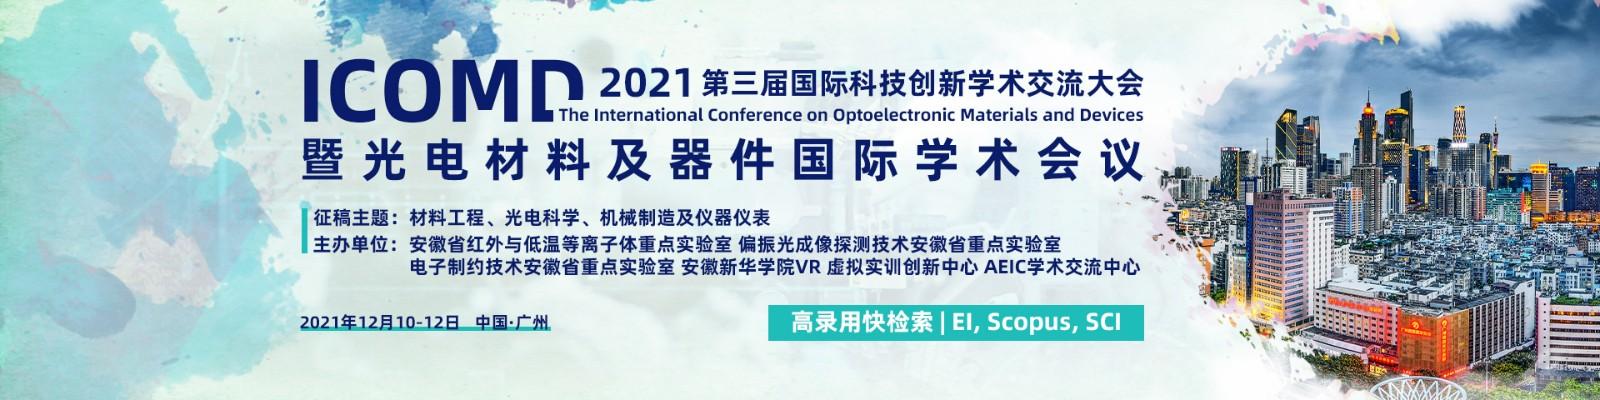 12月-广州-ICOMD2021-banner中-何霞丽-20210608.jpg